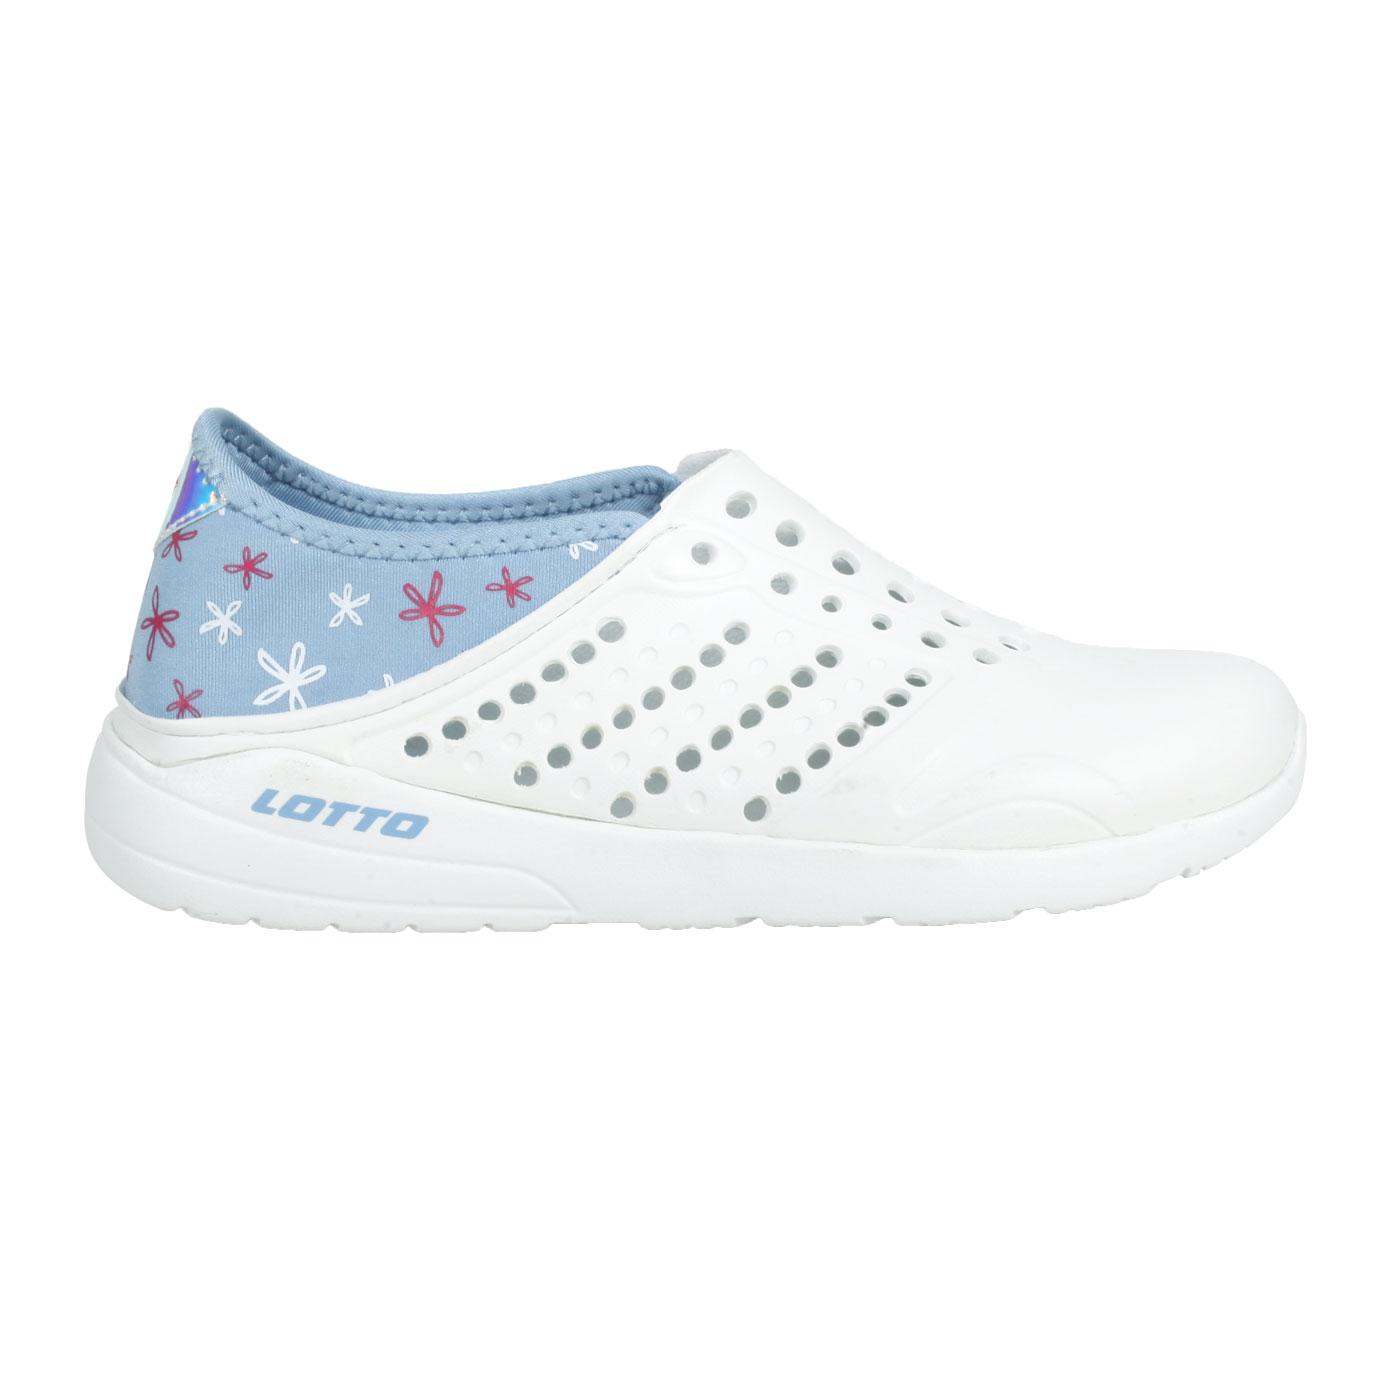 LOTTO 粉點洞洞鞋 LT1AWS3686 - 白藍